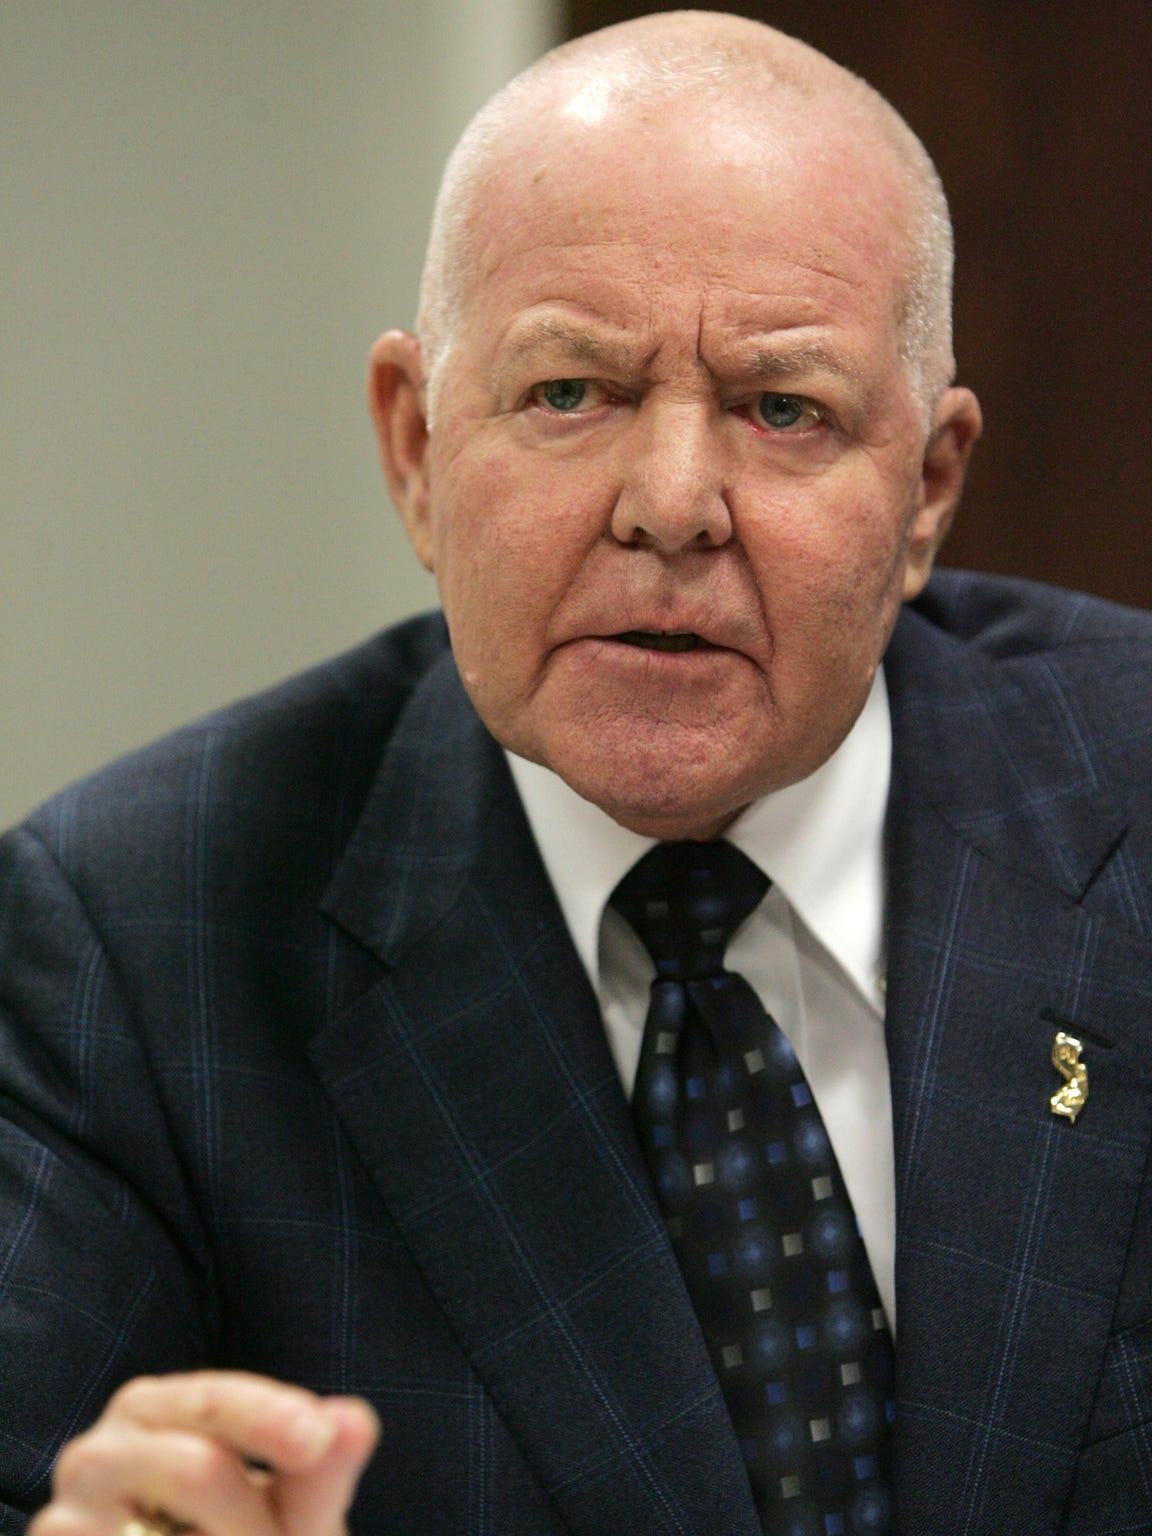 Assemblyman Ronald S. Dancer, R-Ocean